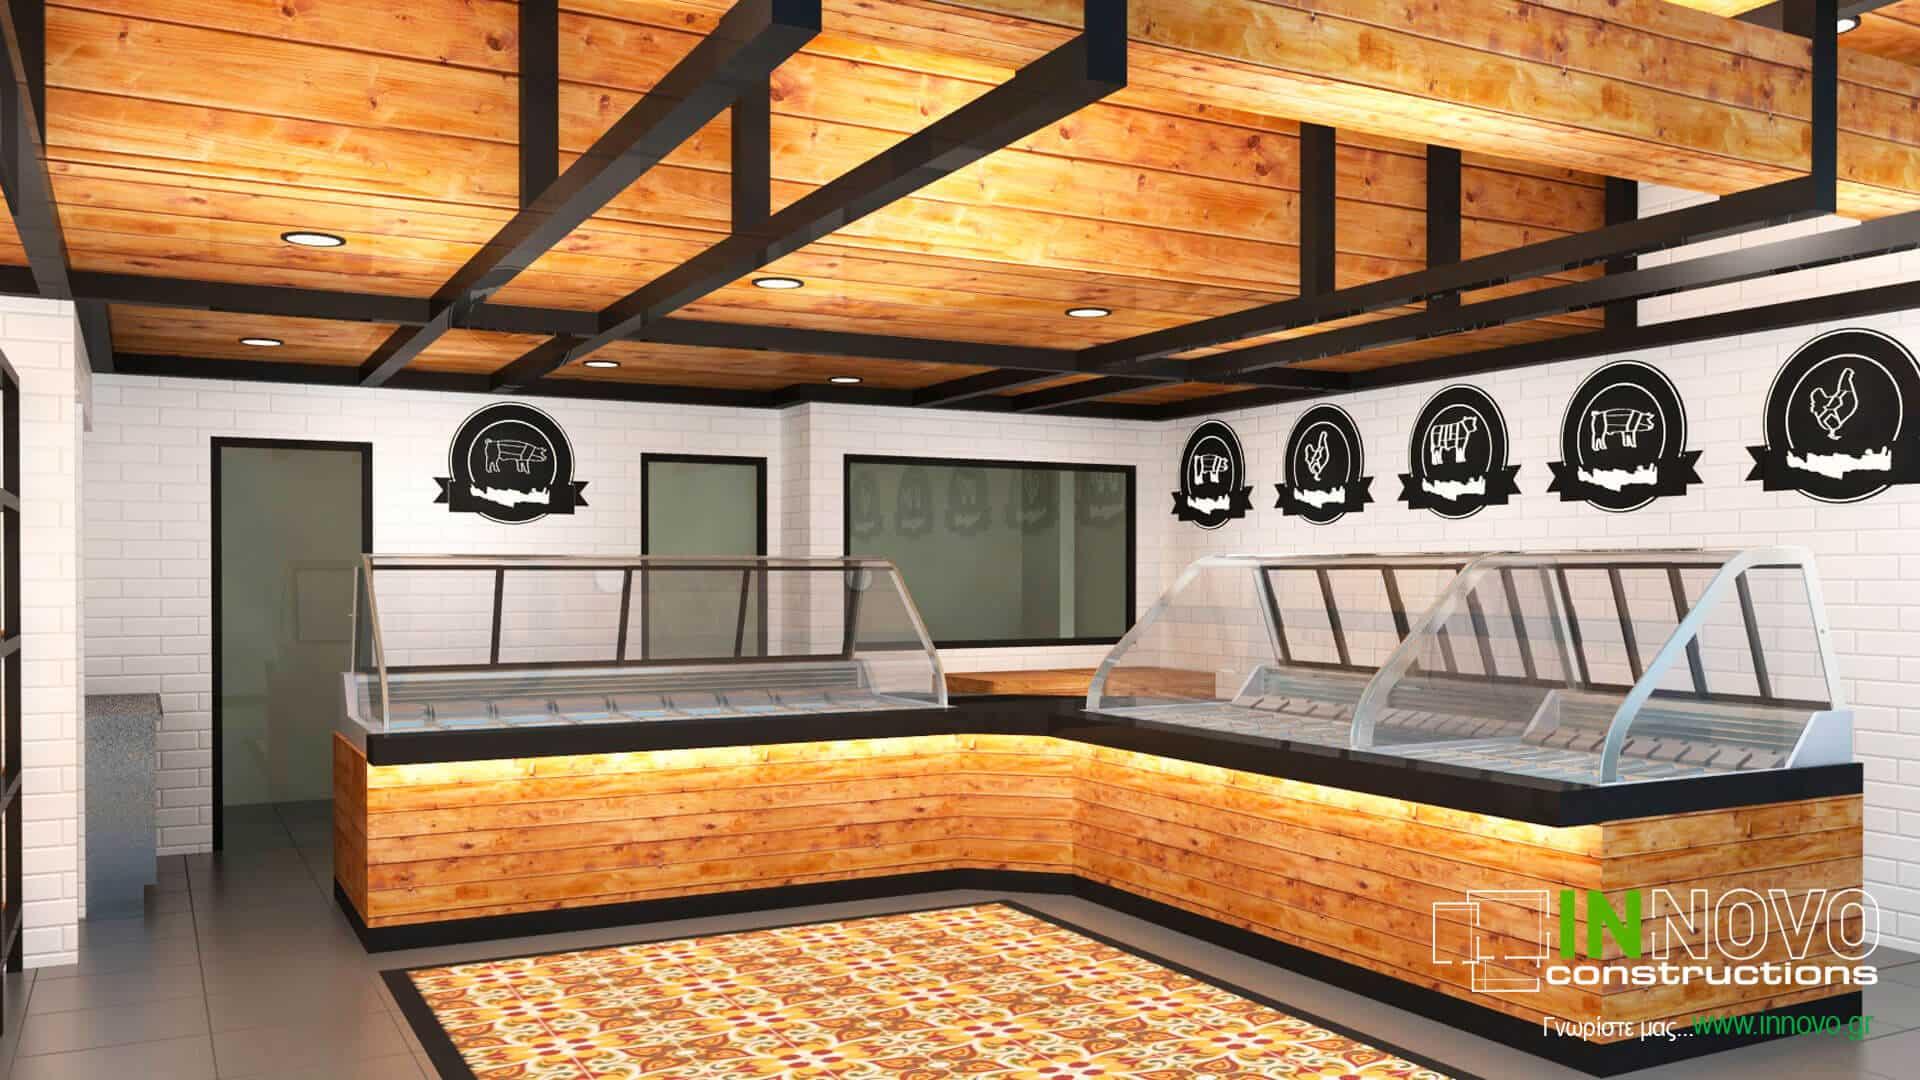 kataskevi-kreopoleiou-butcher-shop-construction-kreopoleio-ag.-anargyroi-1850-6